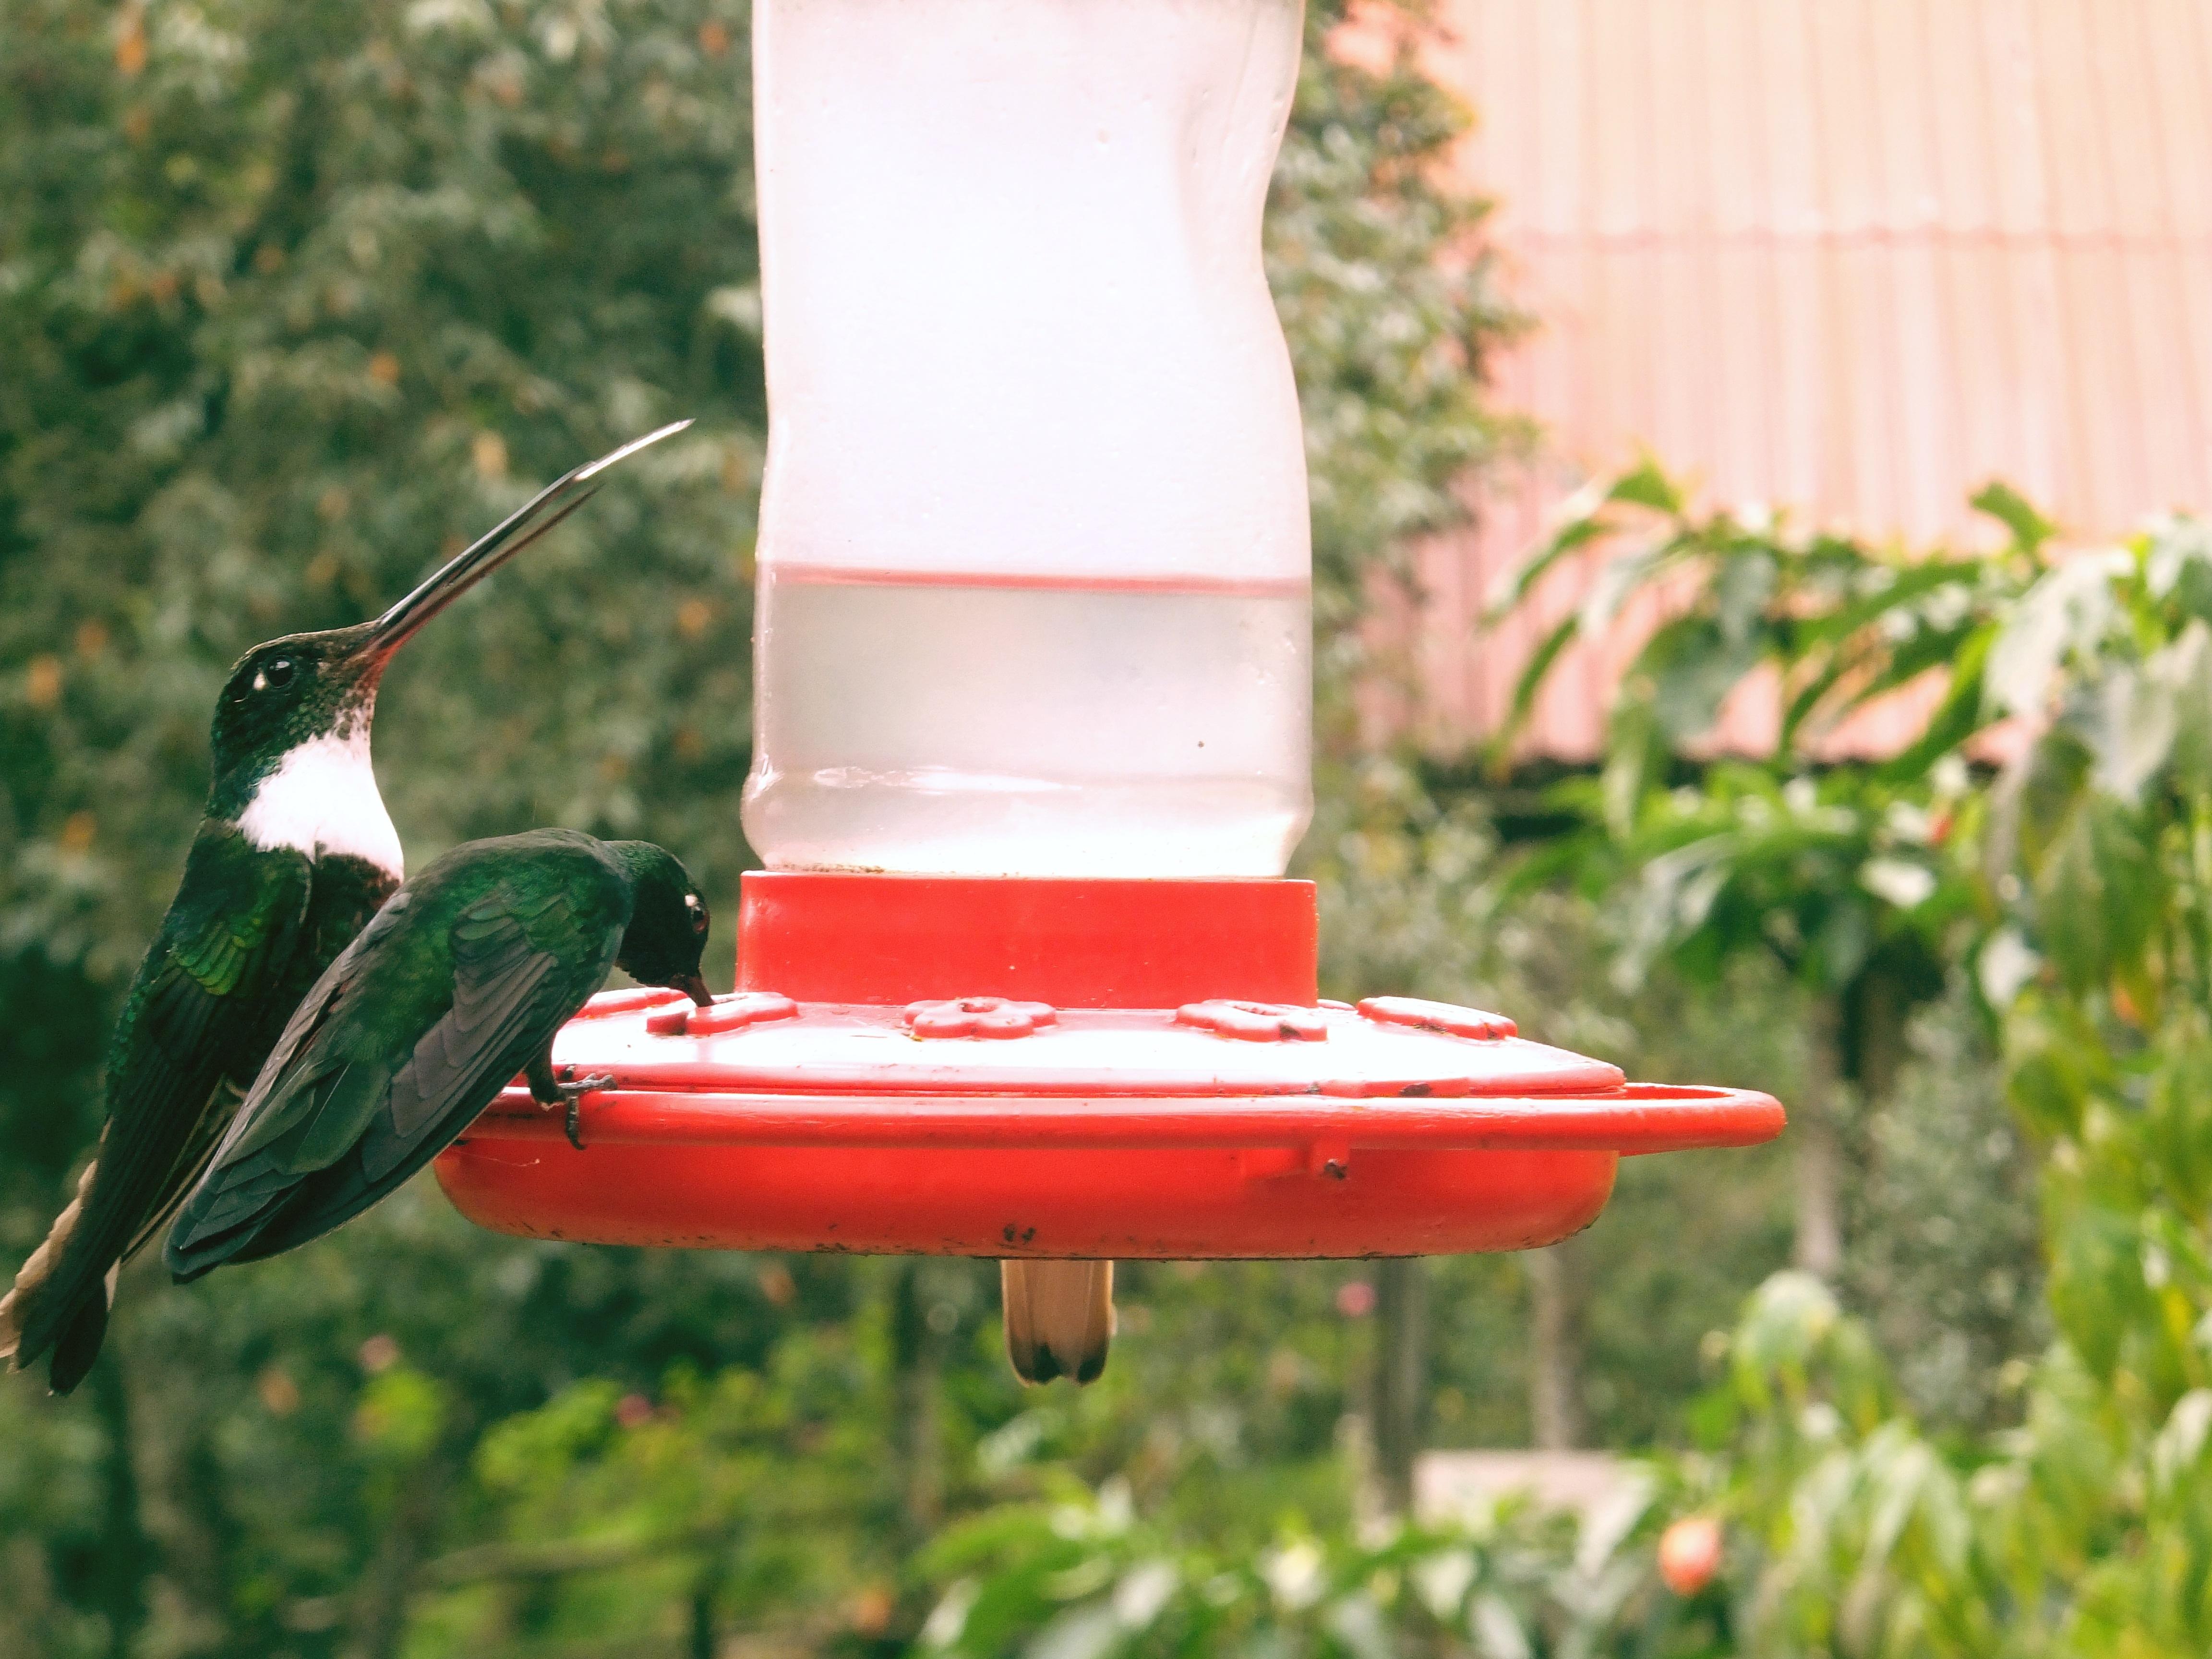 Immagini belle acqua uccello ala prato aria fiore animale